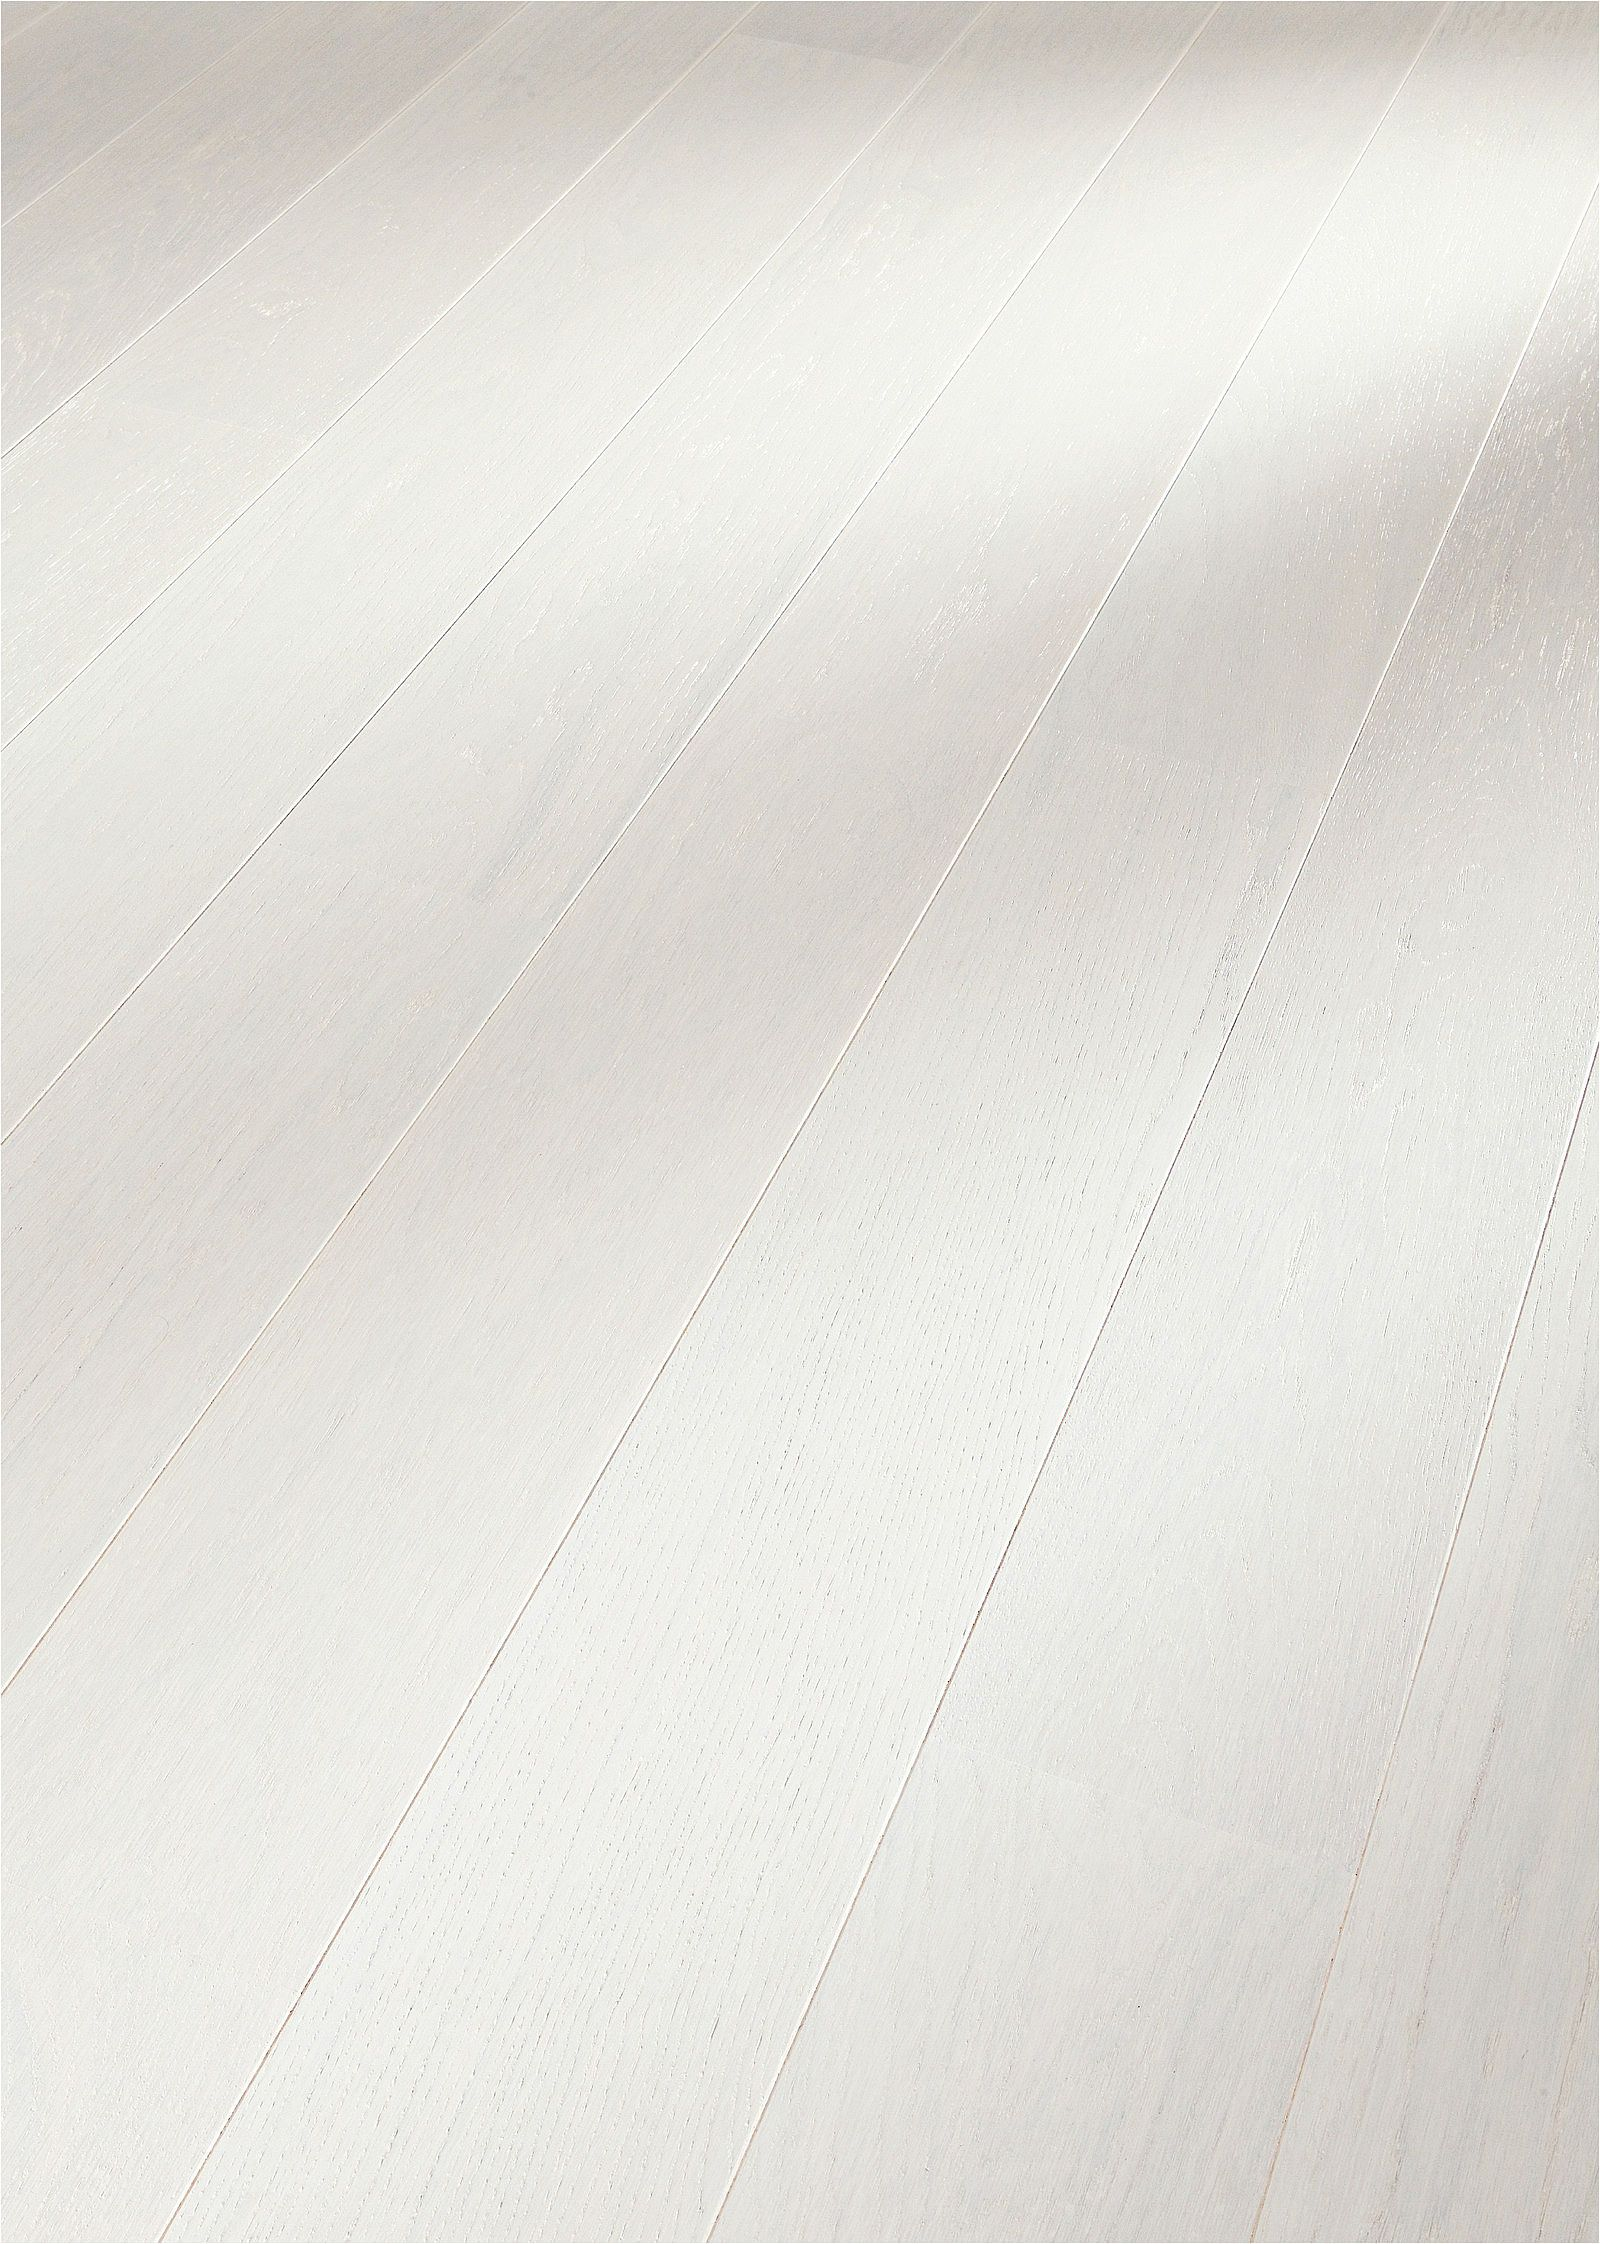 Weißer Parkettboden 8081 meister longlife parkett pd 400 cottage landhausdiele eiche